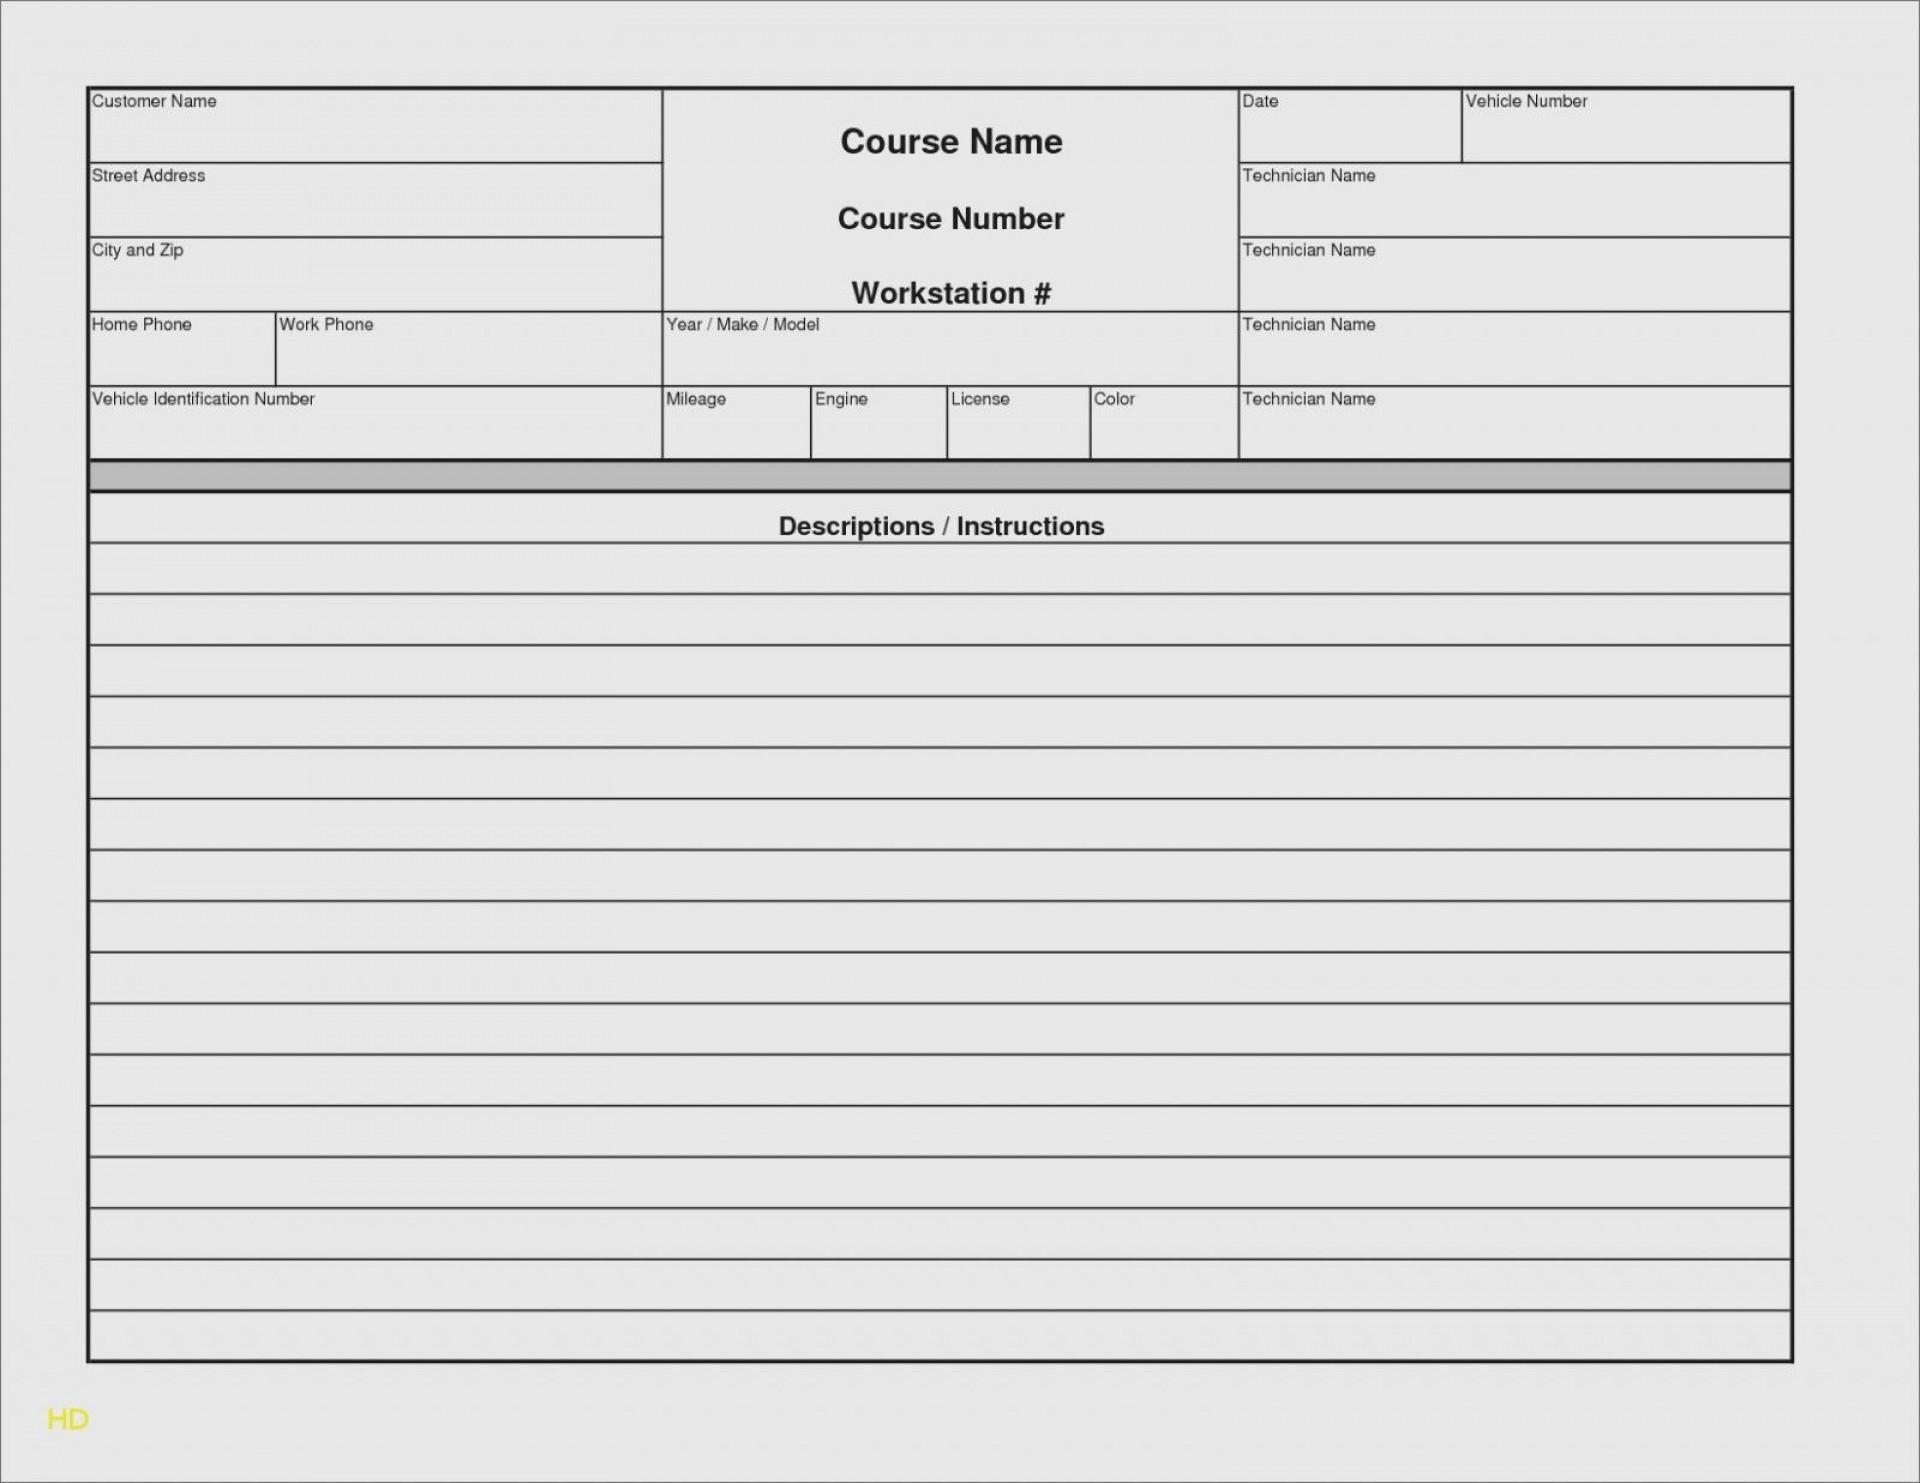 000 Rare Microsoft Excel Auto Repair Invoice Template Image 1920